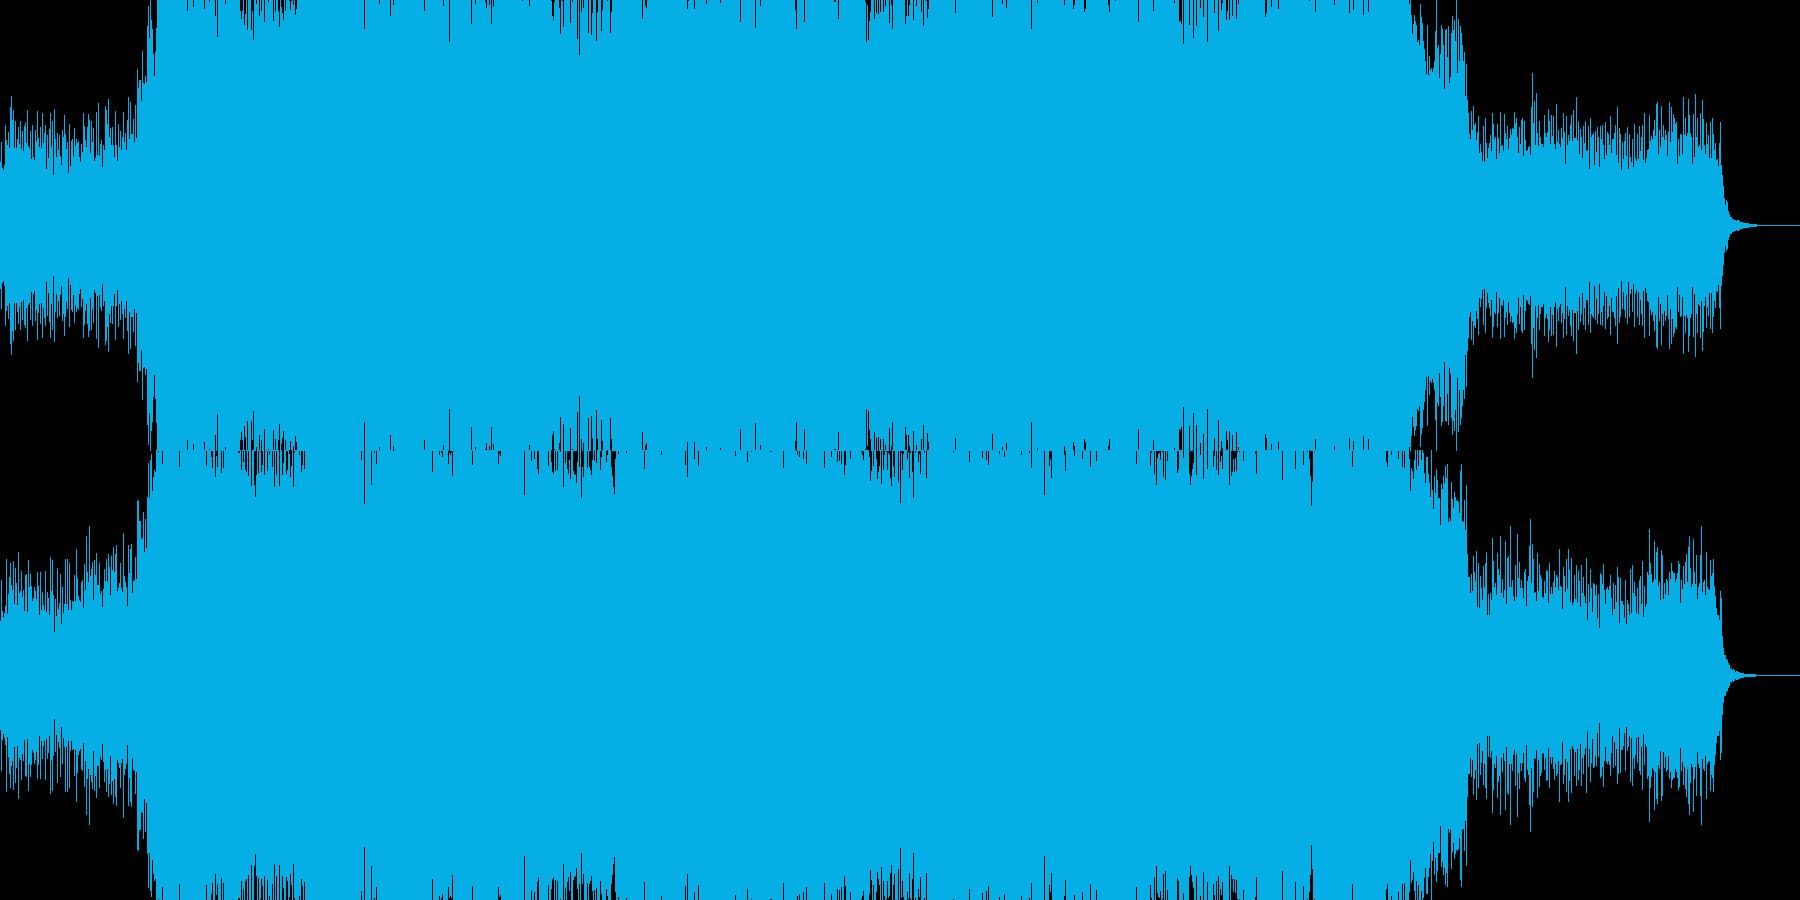 ギター 前衛的の再生済みの波形